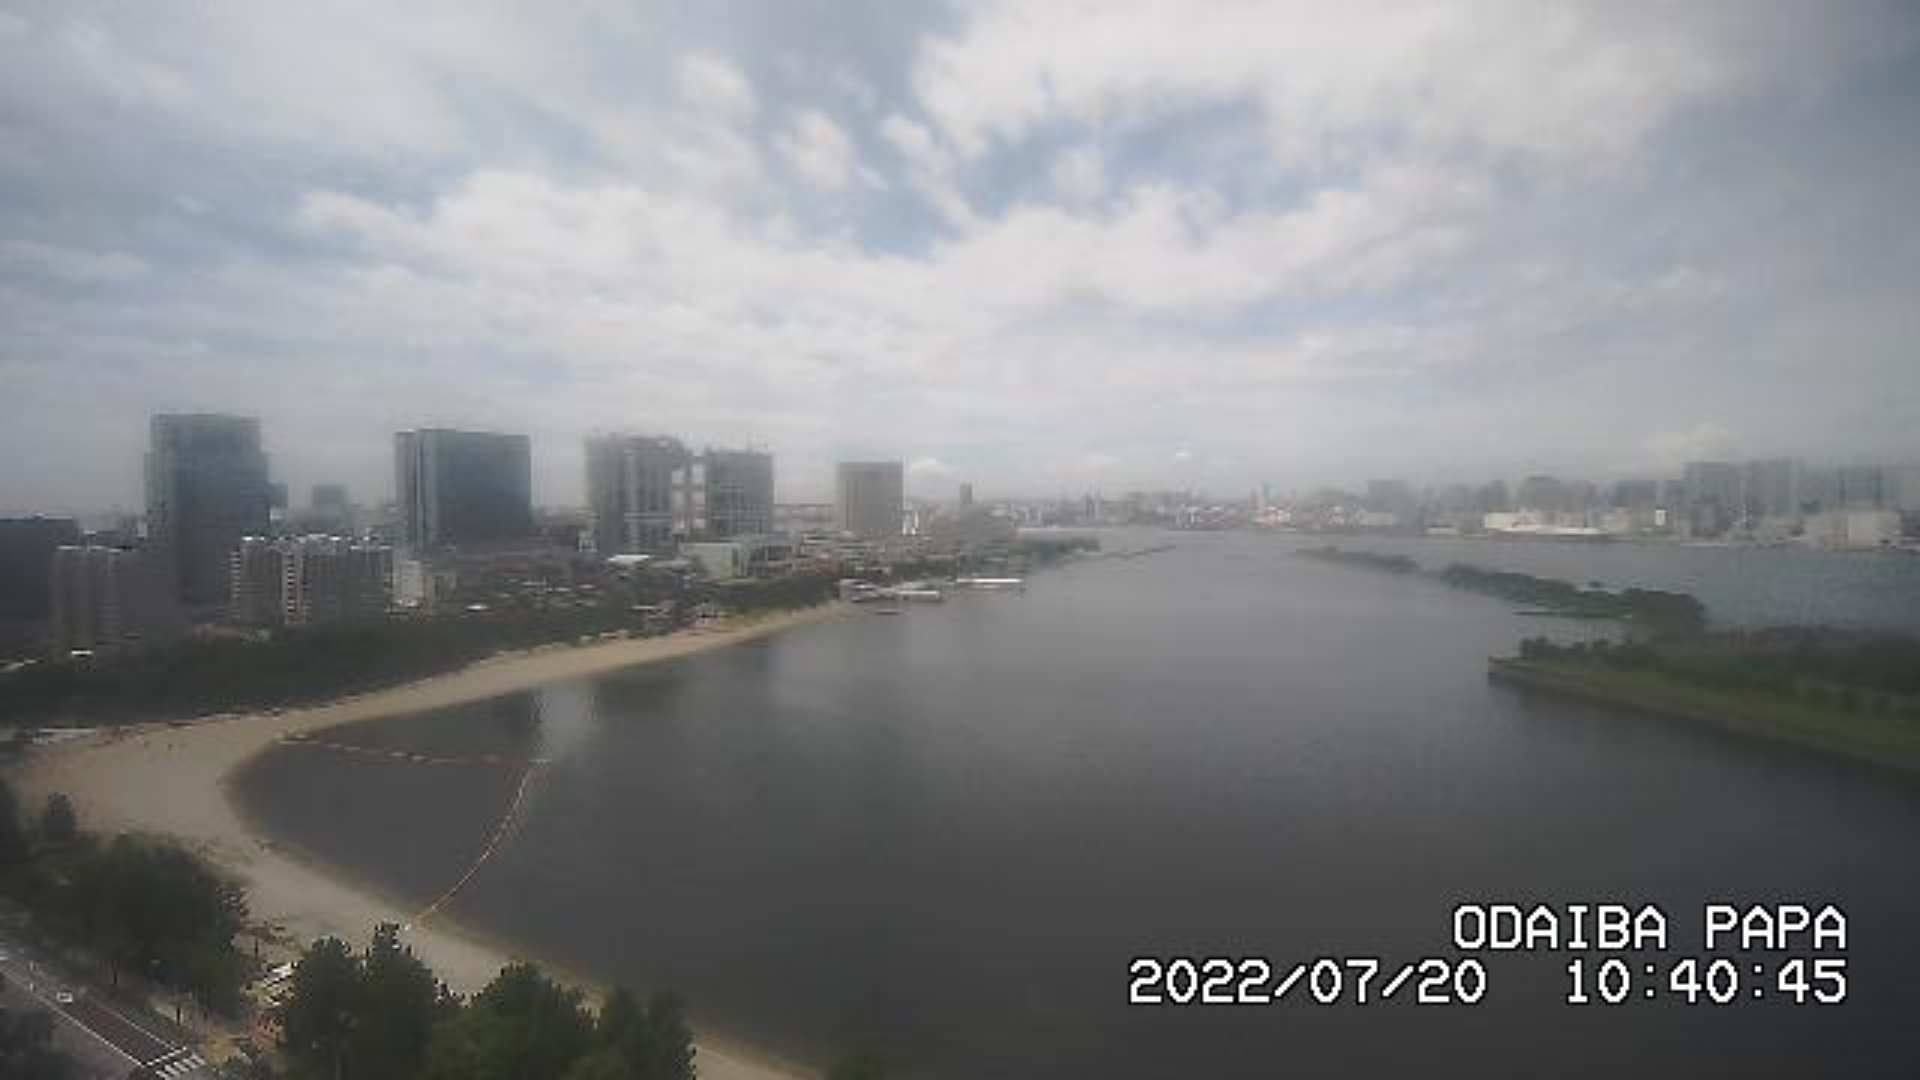 Webcam おだいばかいひんこうえんえき: City − Odaiba − Sky View